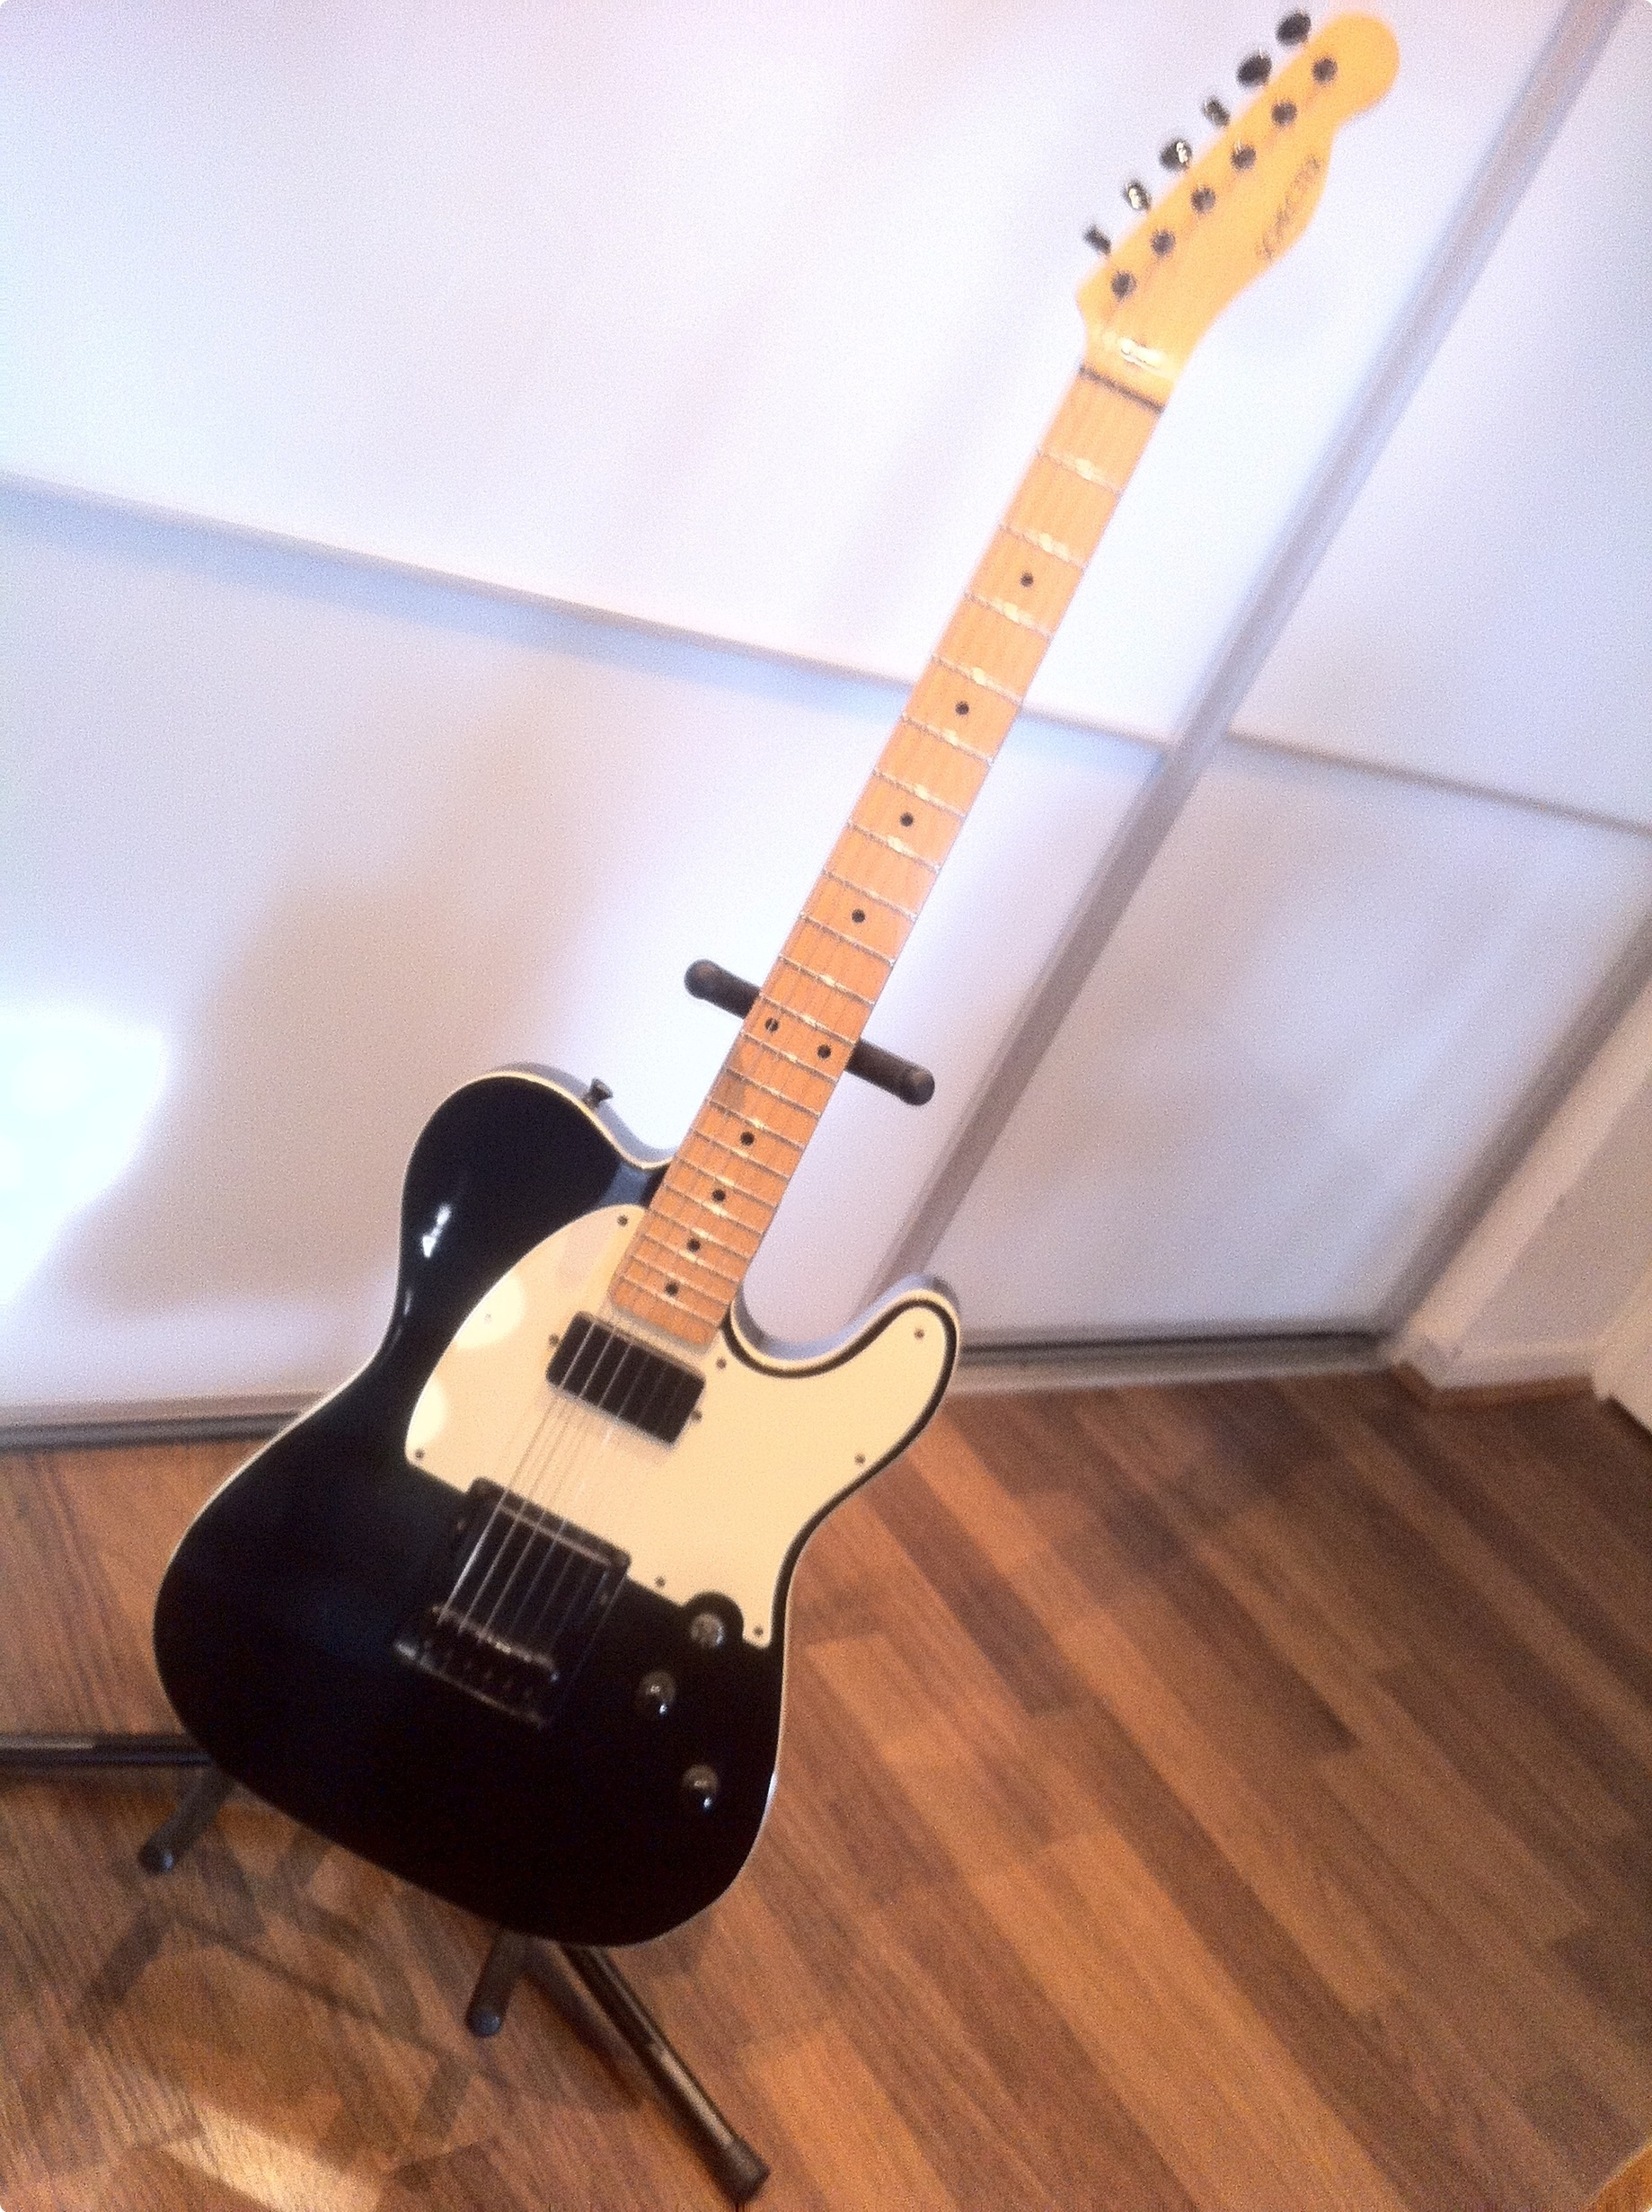 schecter pt saturn telecaster 1986 guitar for sale oxygen vintage. Black Bedroom Furniture Sets. Home Design Ideas